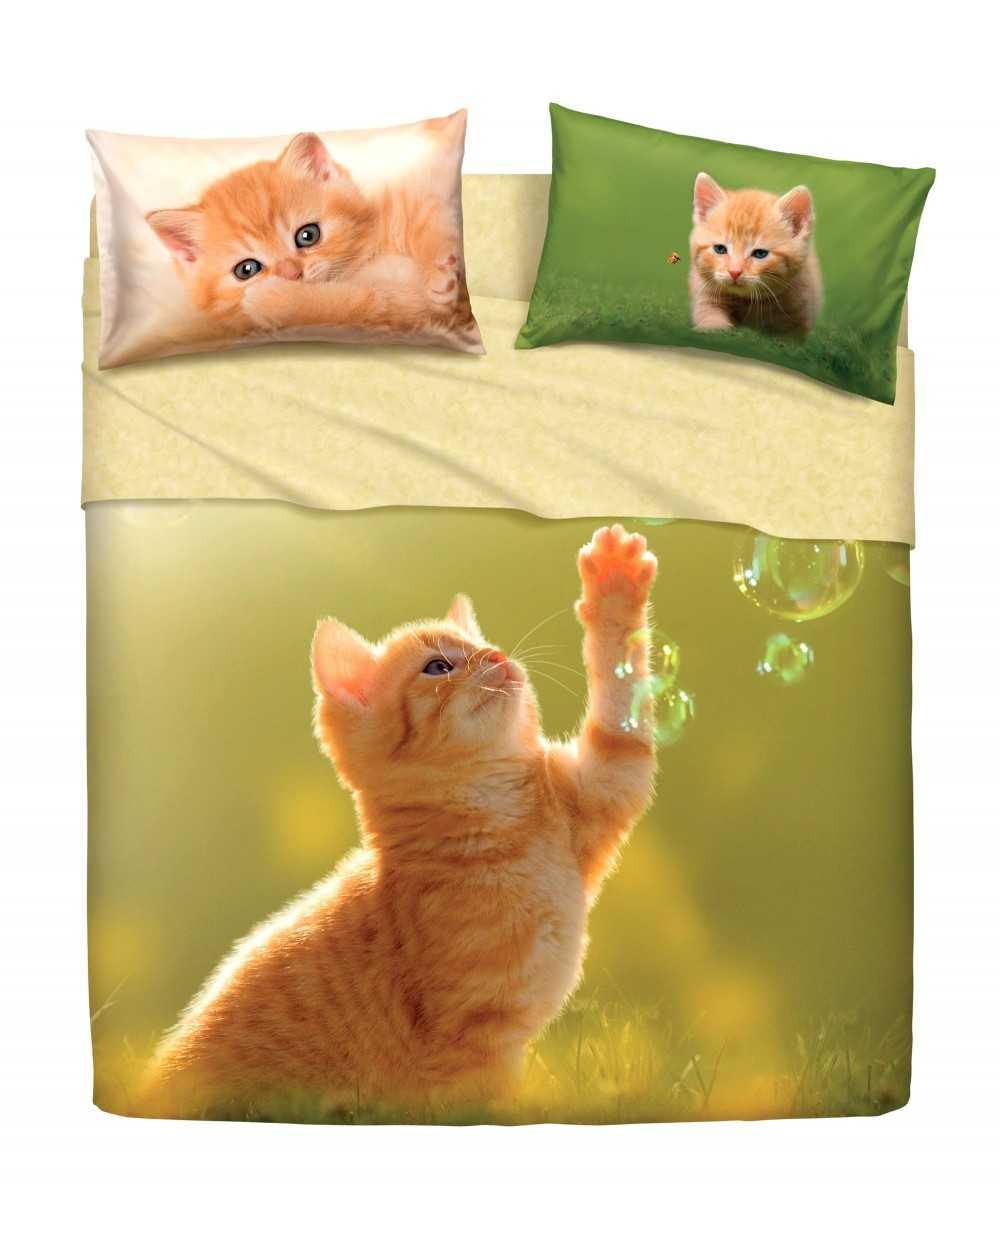 Copripiumino Singolo Bassetti Animali.Completo Lenzuola Copriletto Una Piazza E Mezza Play Cats By Bassetti